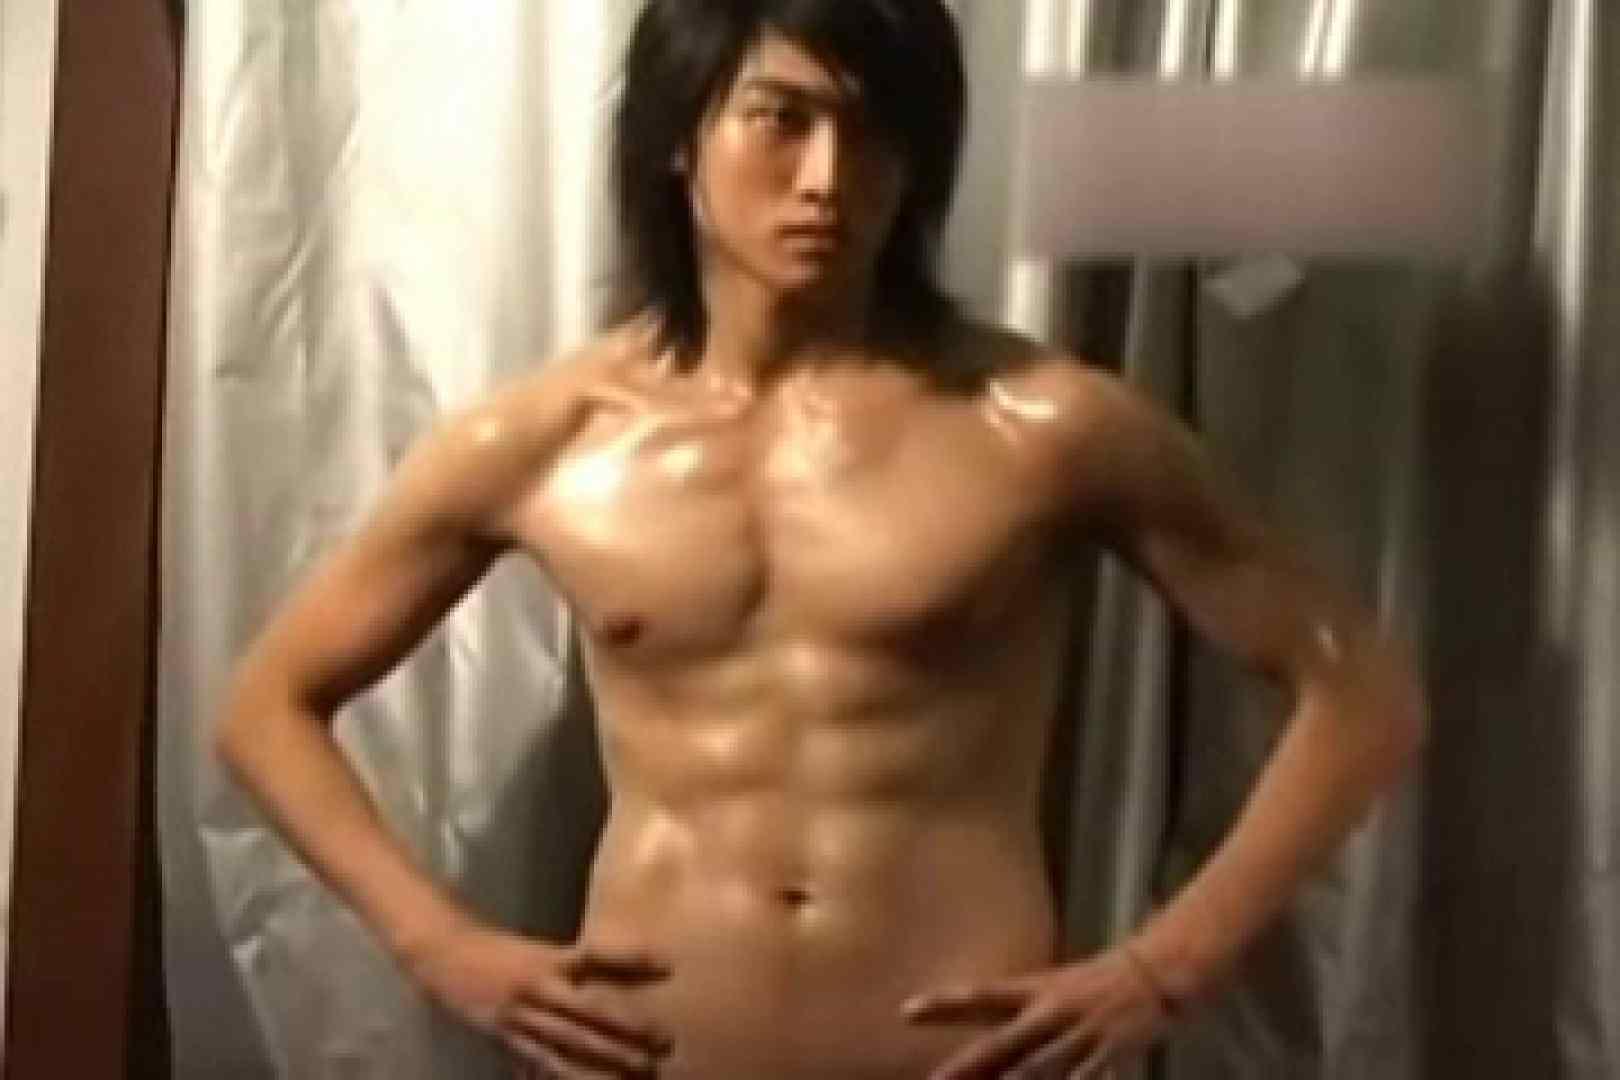 流出!!メンズスーパーモデル達のヌードinChina vol5 流出作品 ゲイエロ動画 78pic 43